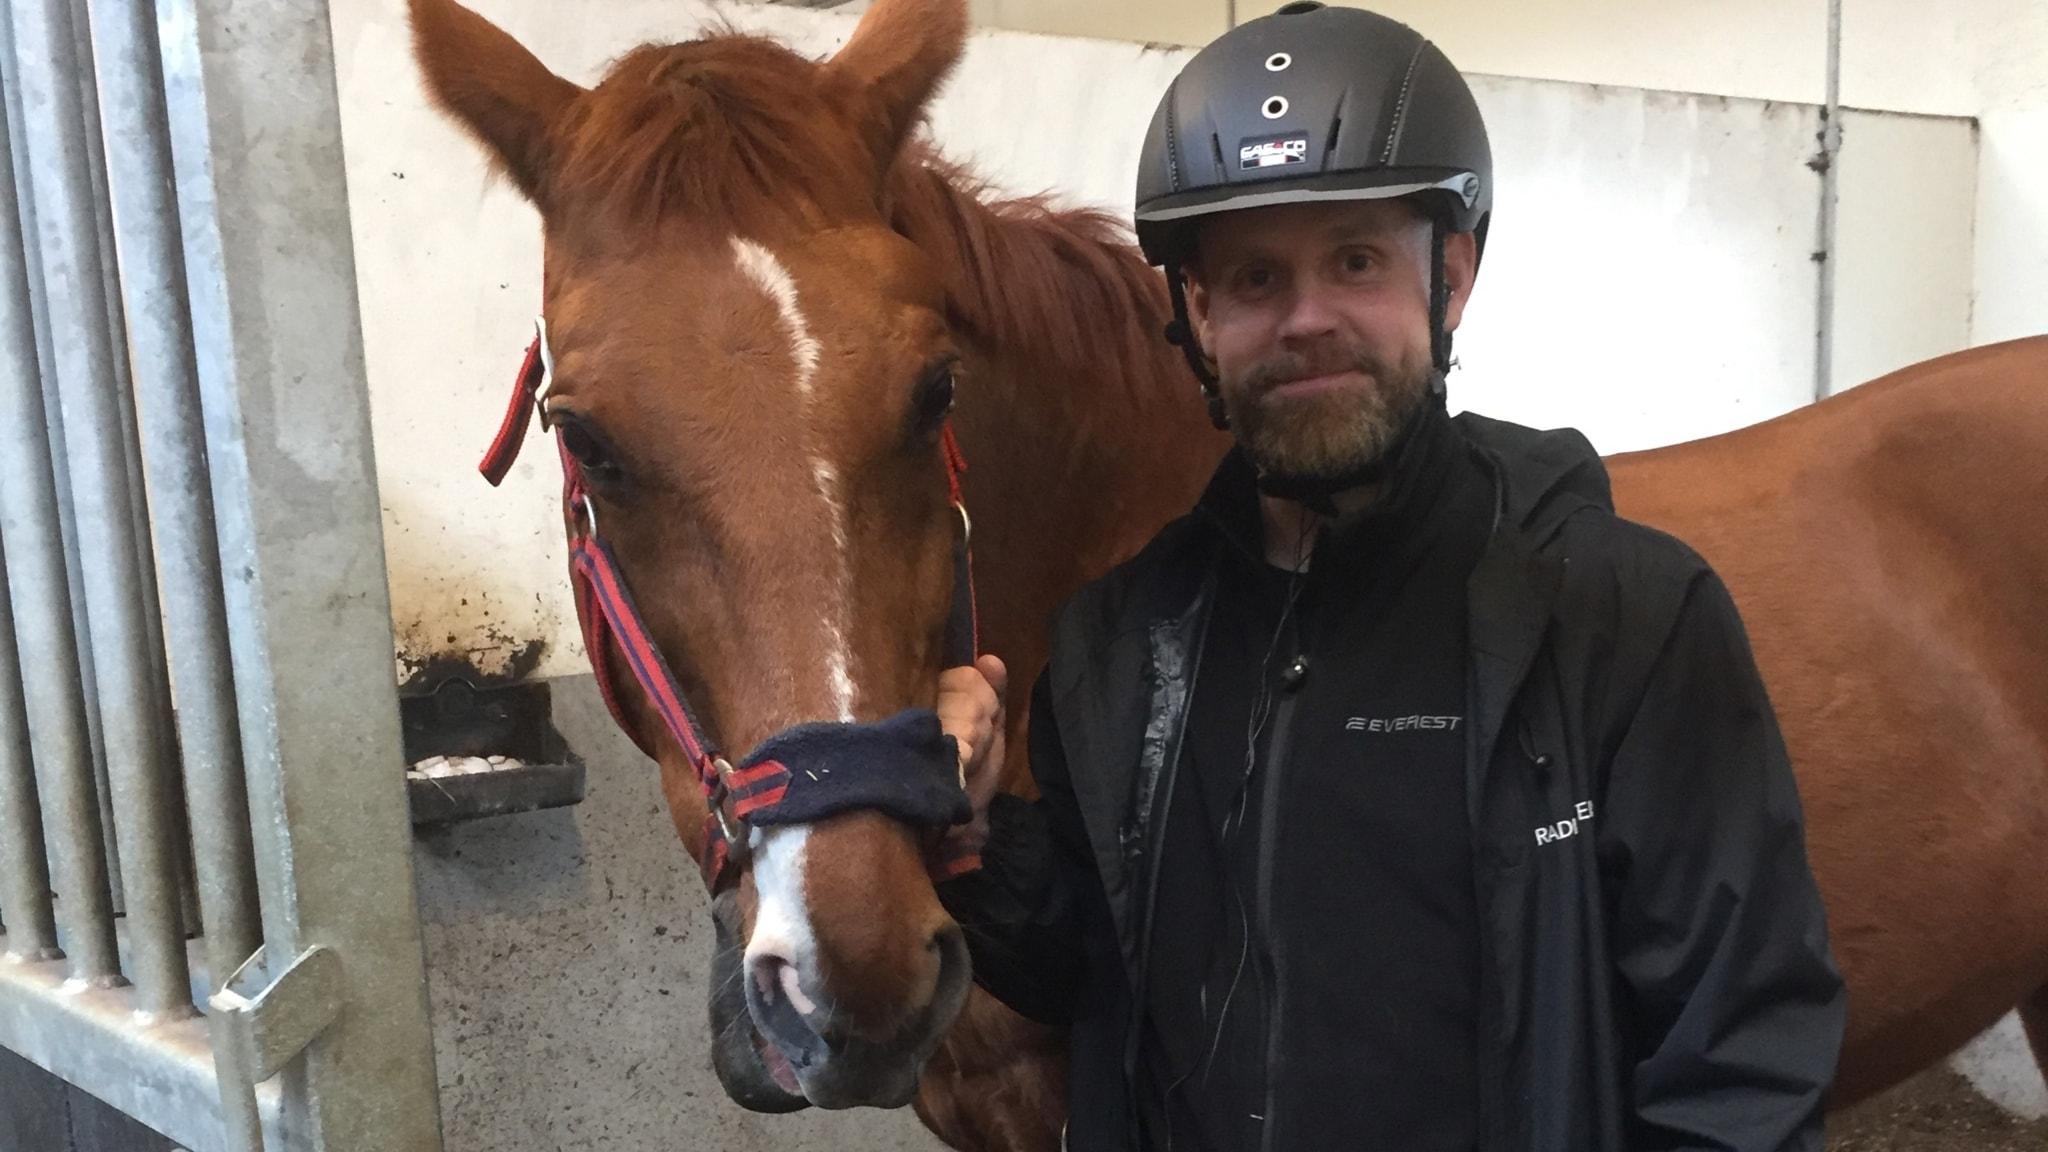 Ska vi verkligen ha en sån där stor häst?